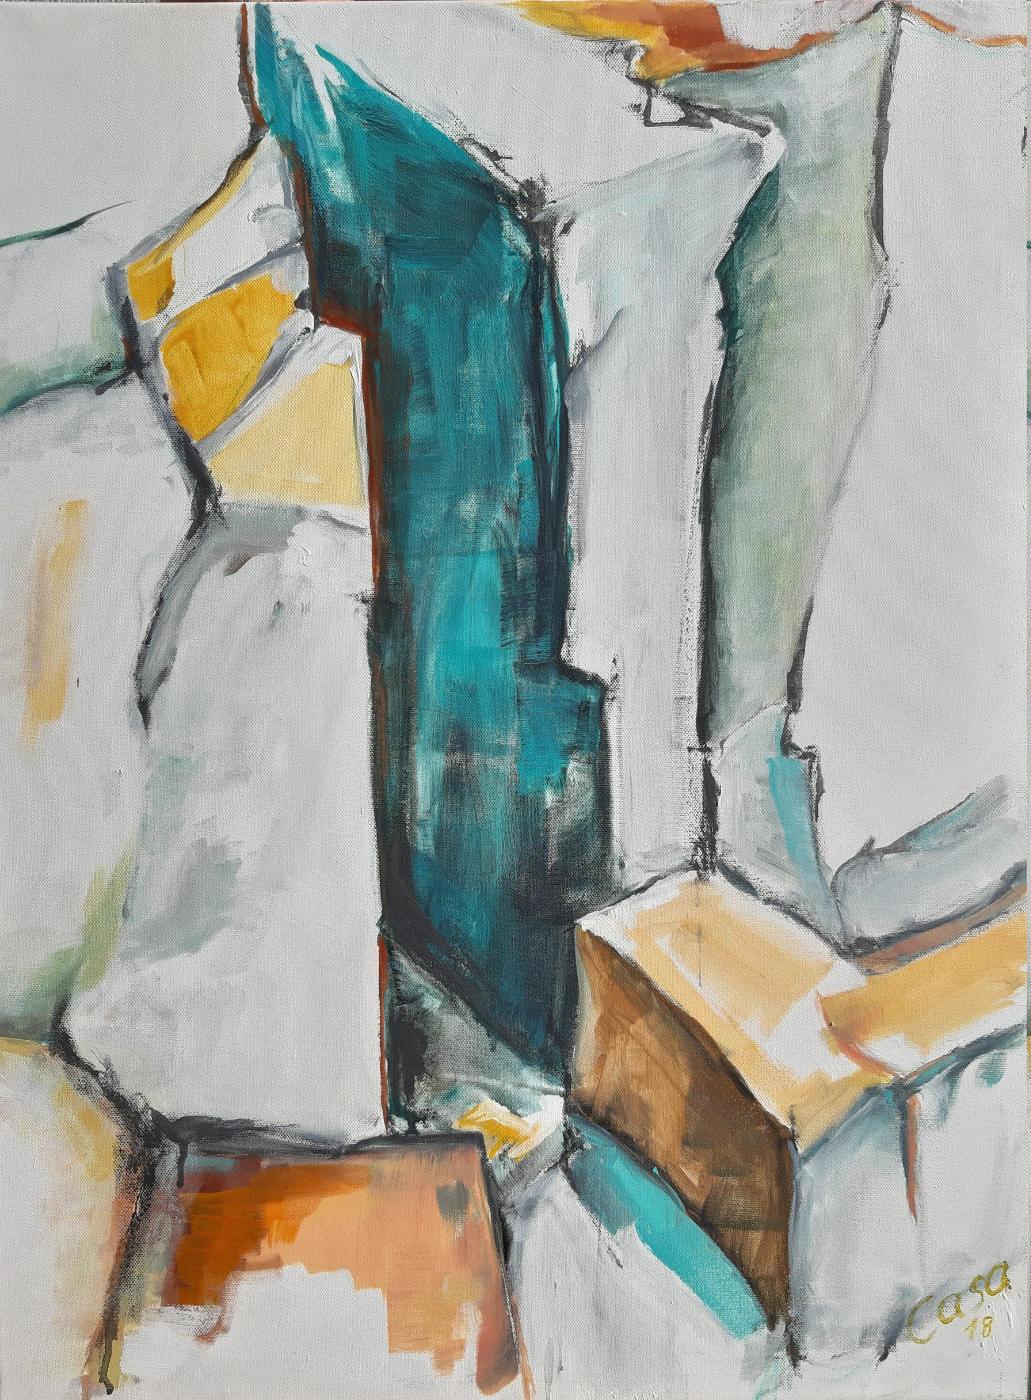 Alb II - Acryl und Graphit auf Leinwand, 80 x 60 cm